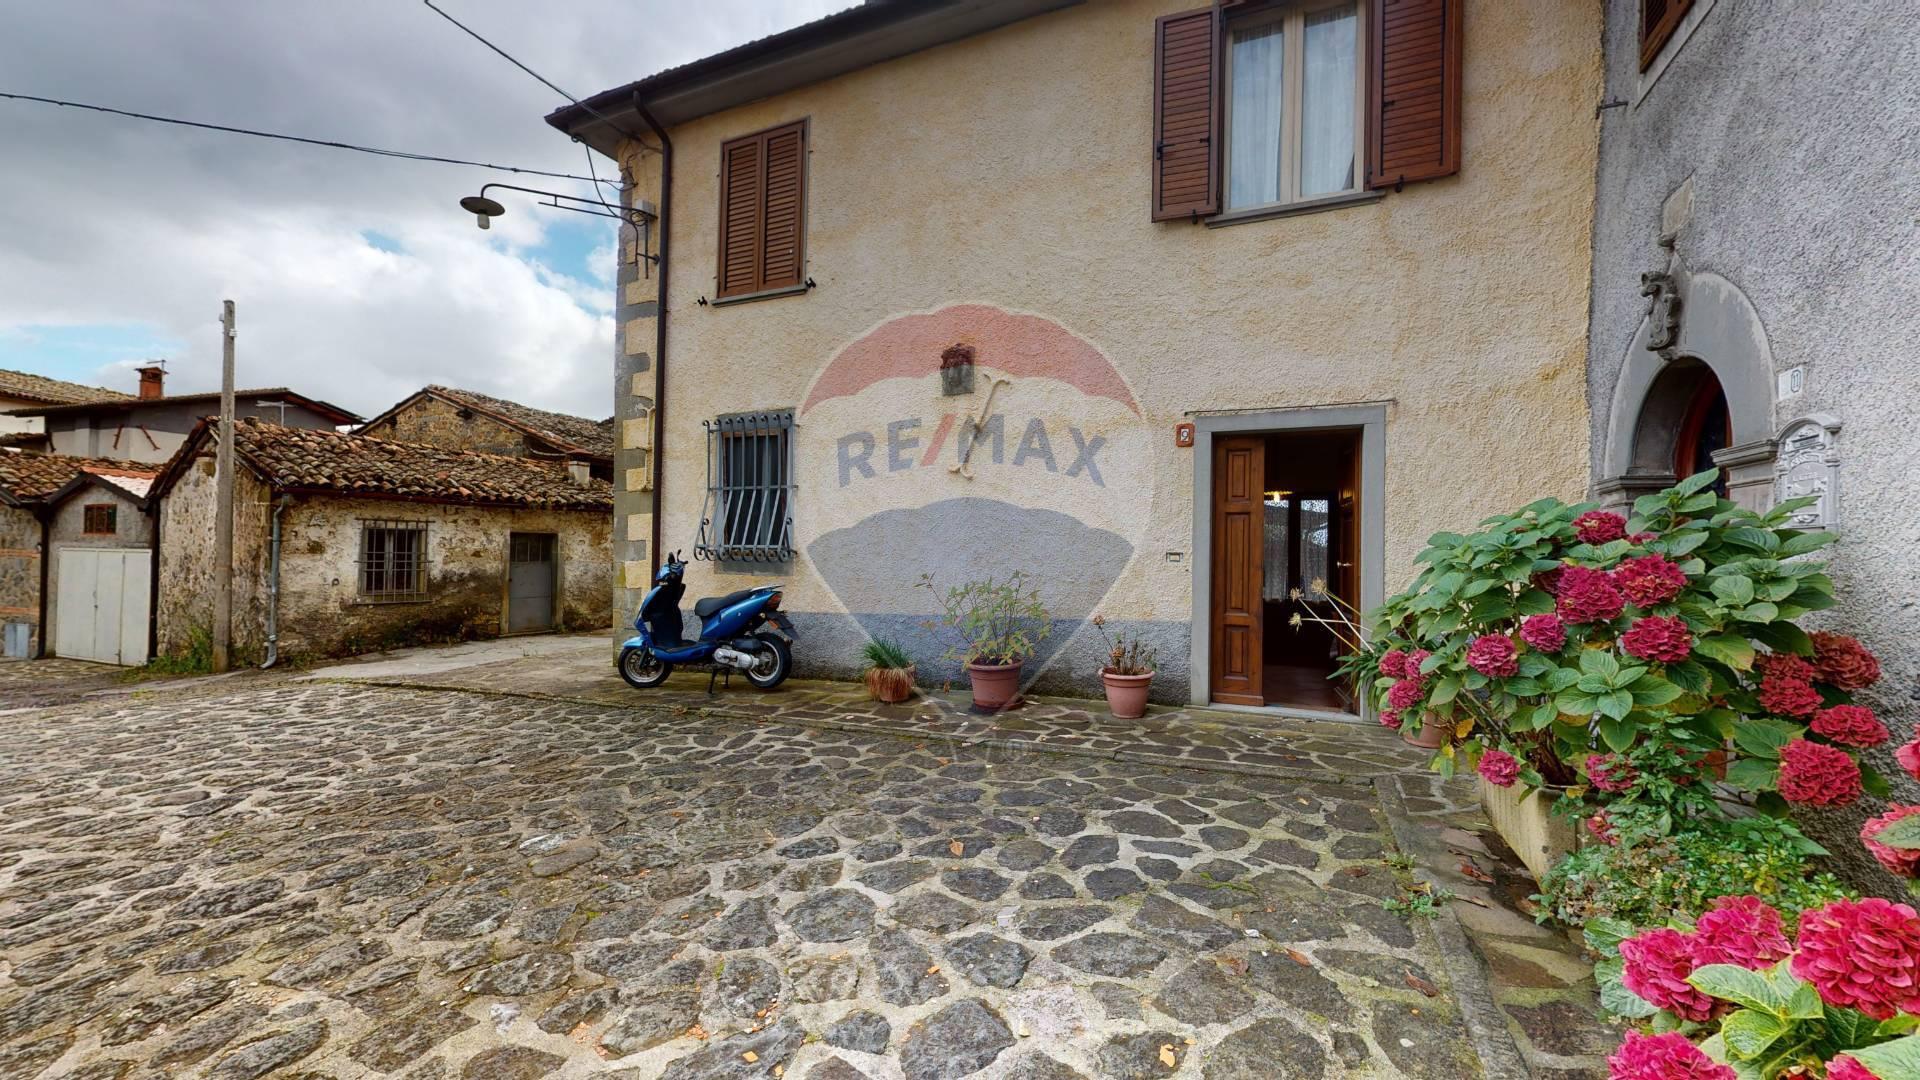 Soluzione Semindipendente in vendita a Villa Collemandina, 8 locali, prezzo € 105.000 | CambioCasa.it